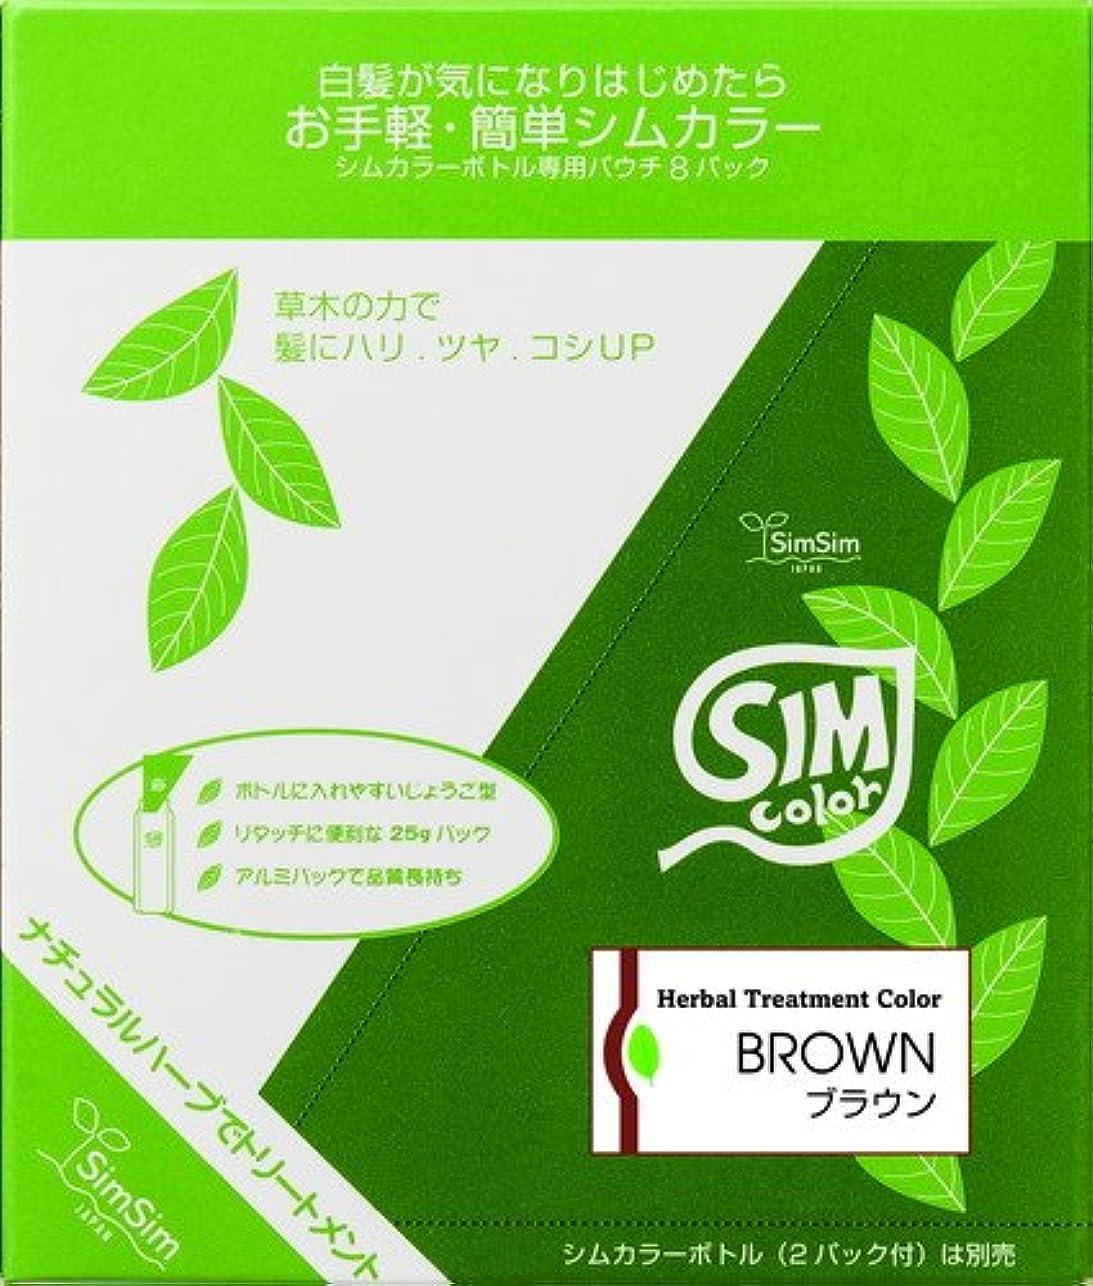 豊富オークションなしでSimSim(シムシム)お手軽簡単シムカラーエクストラ(EX)25g 8袋 ブラウン